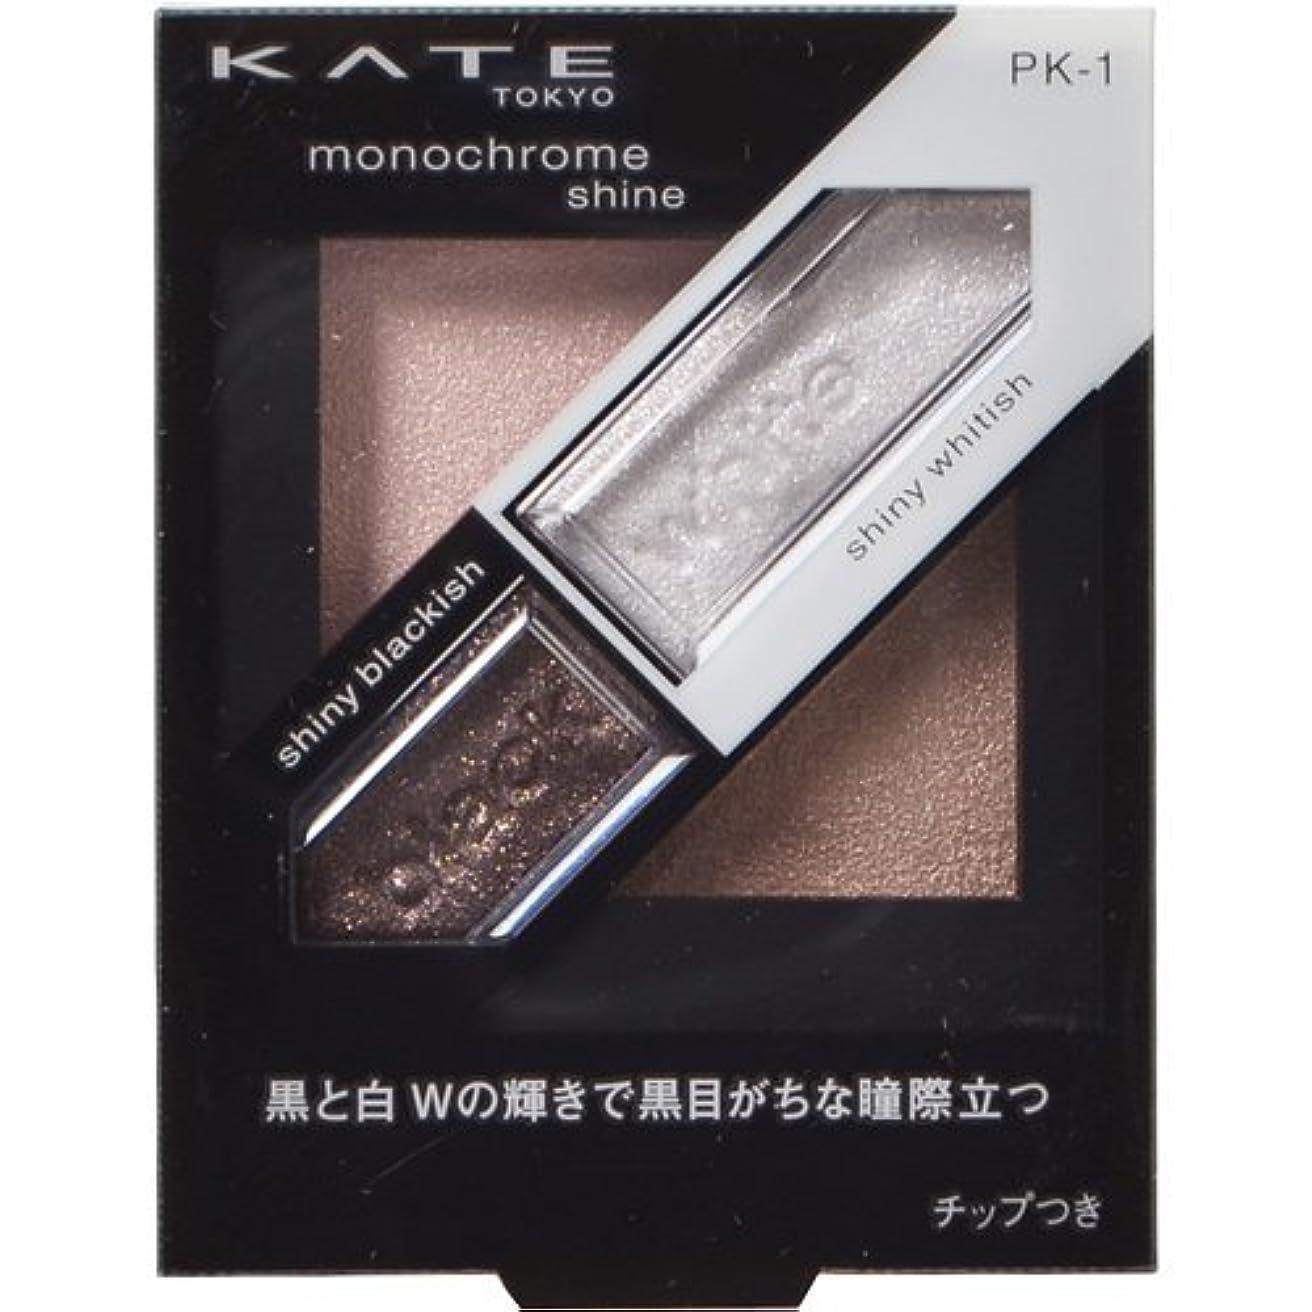 高度なわかる輝度カネボウ ケイト モノクロームシャイン PK-1